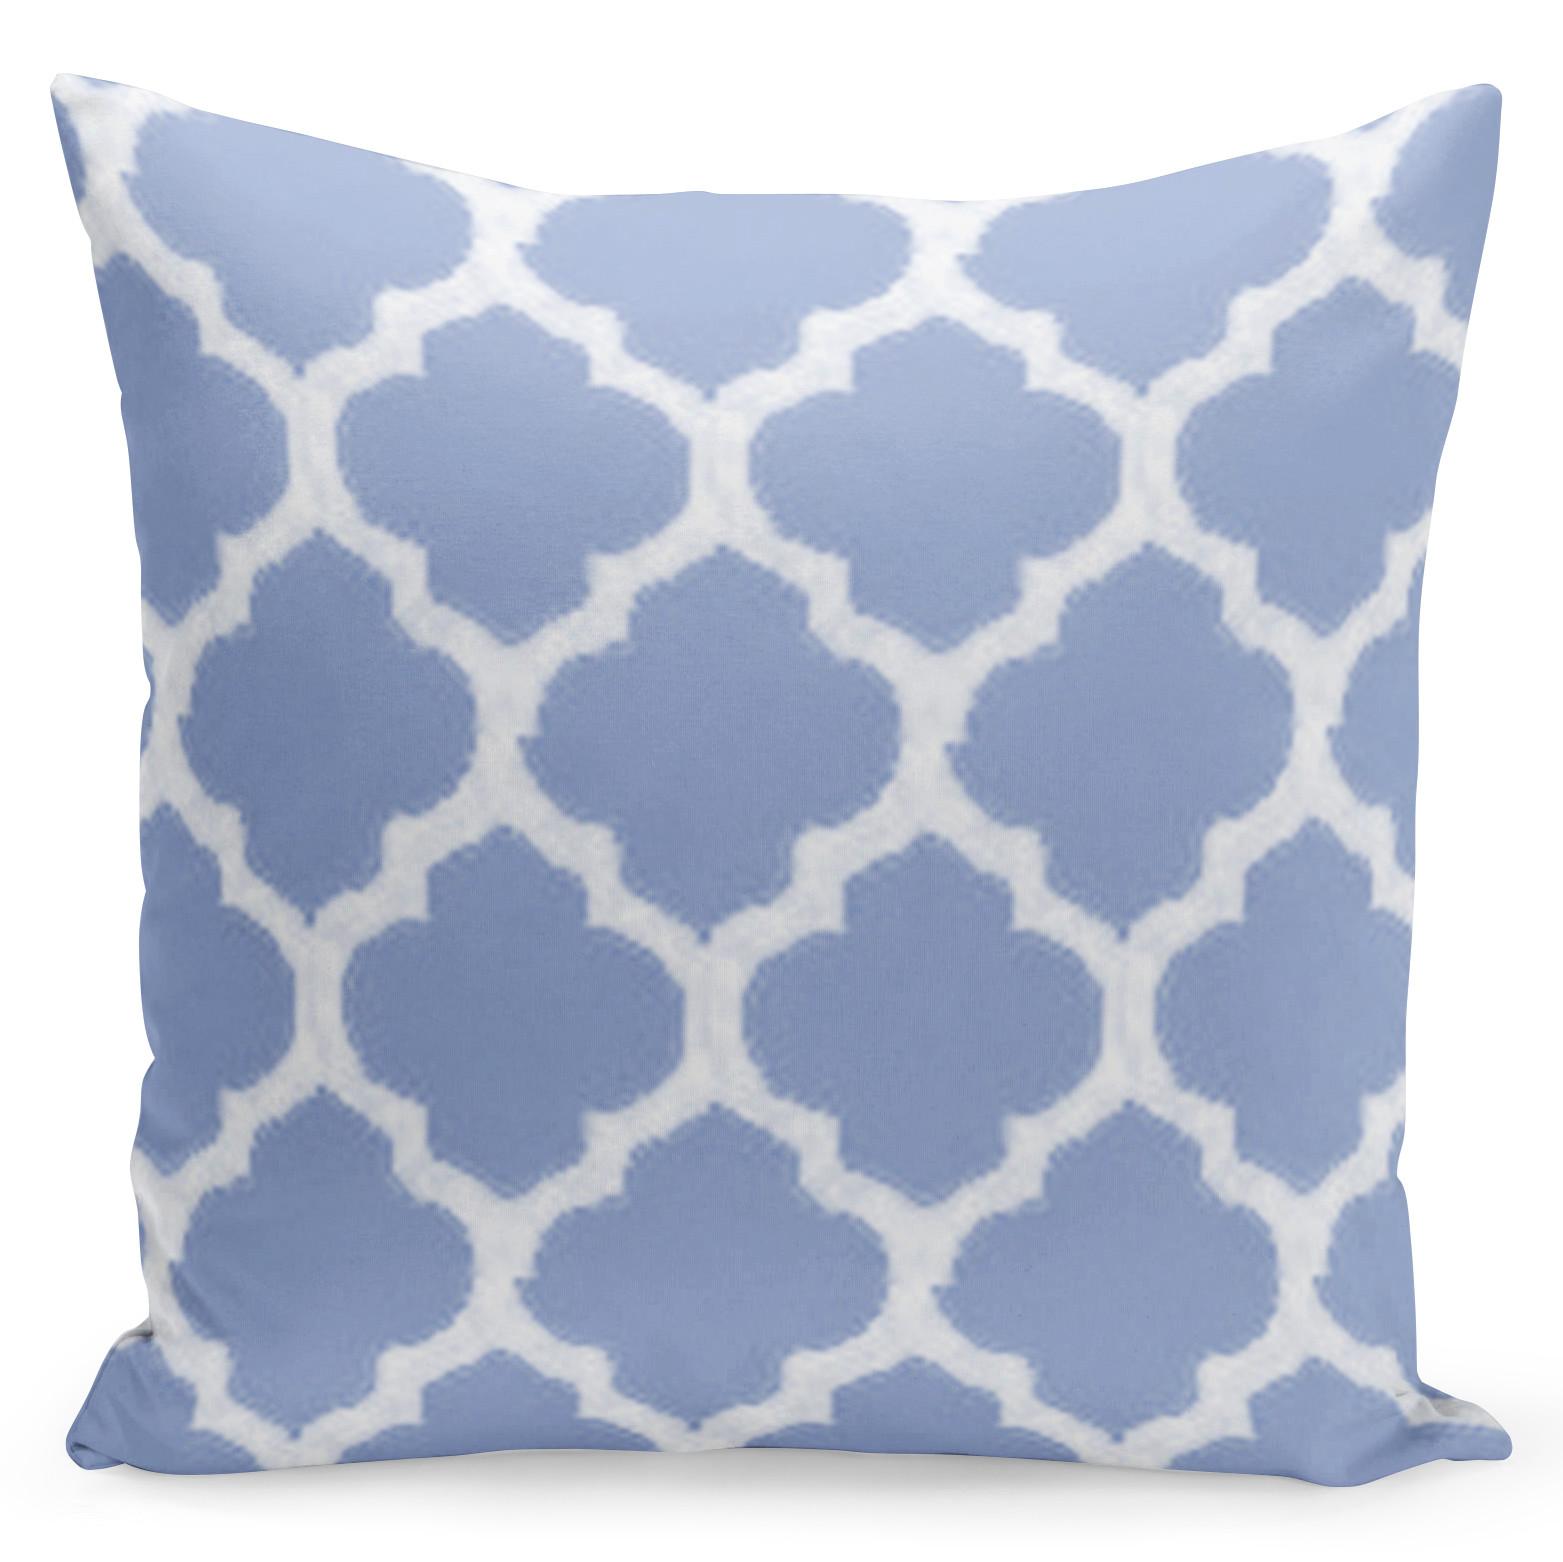 Pohodlný povlak s fialovými a bílými barvami